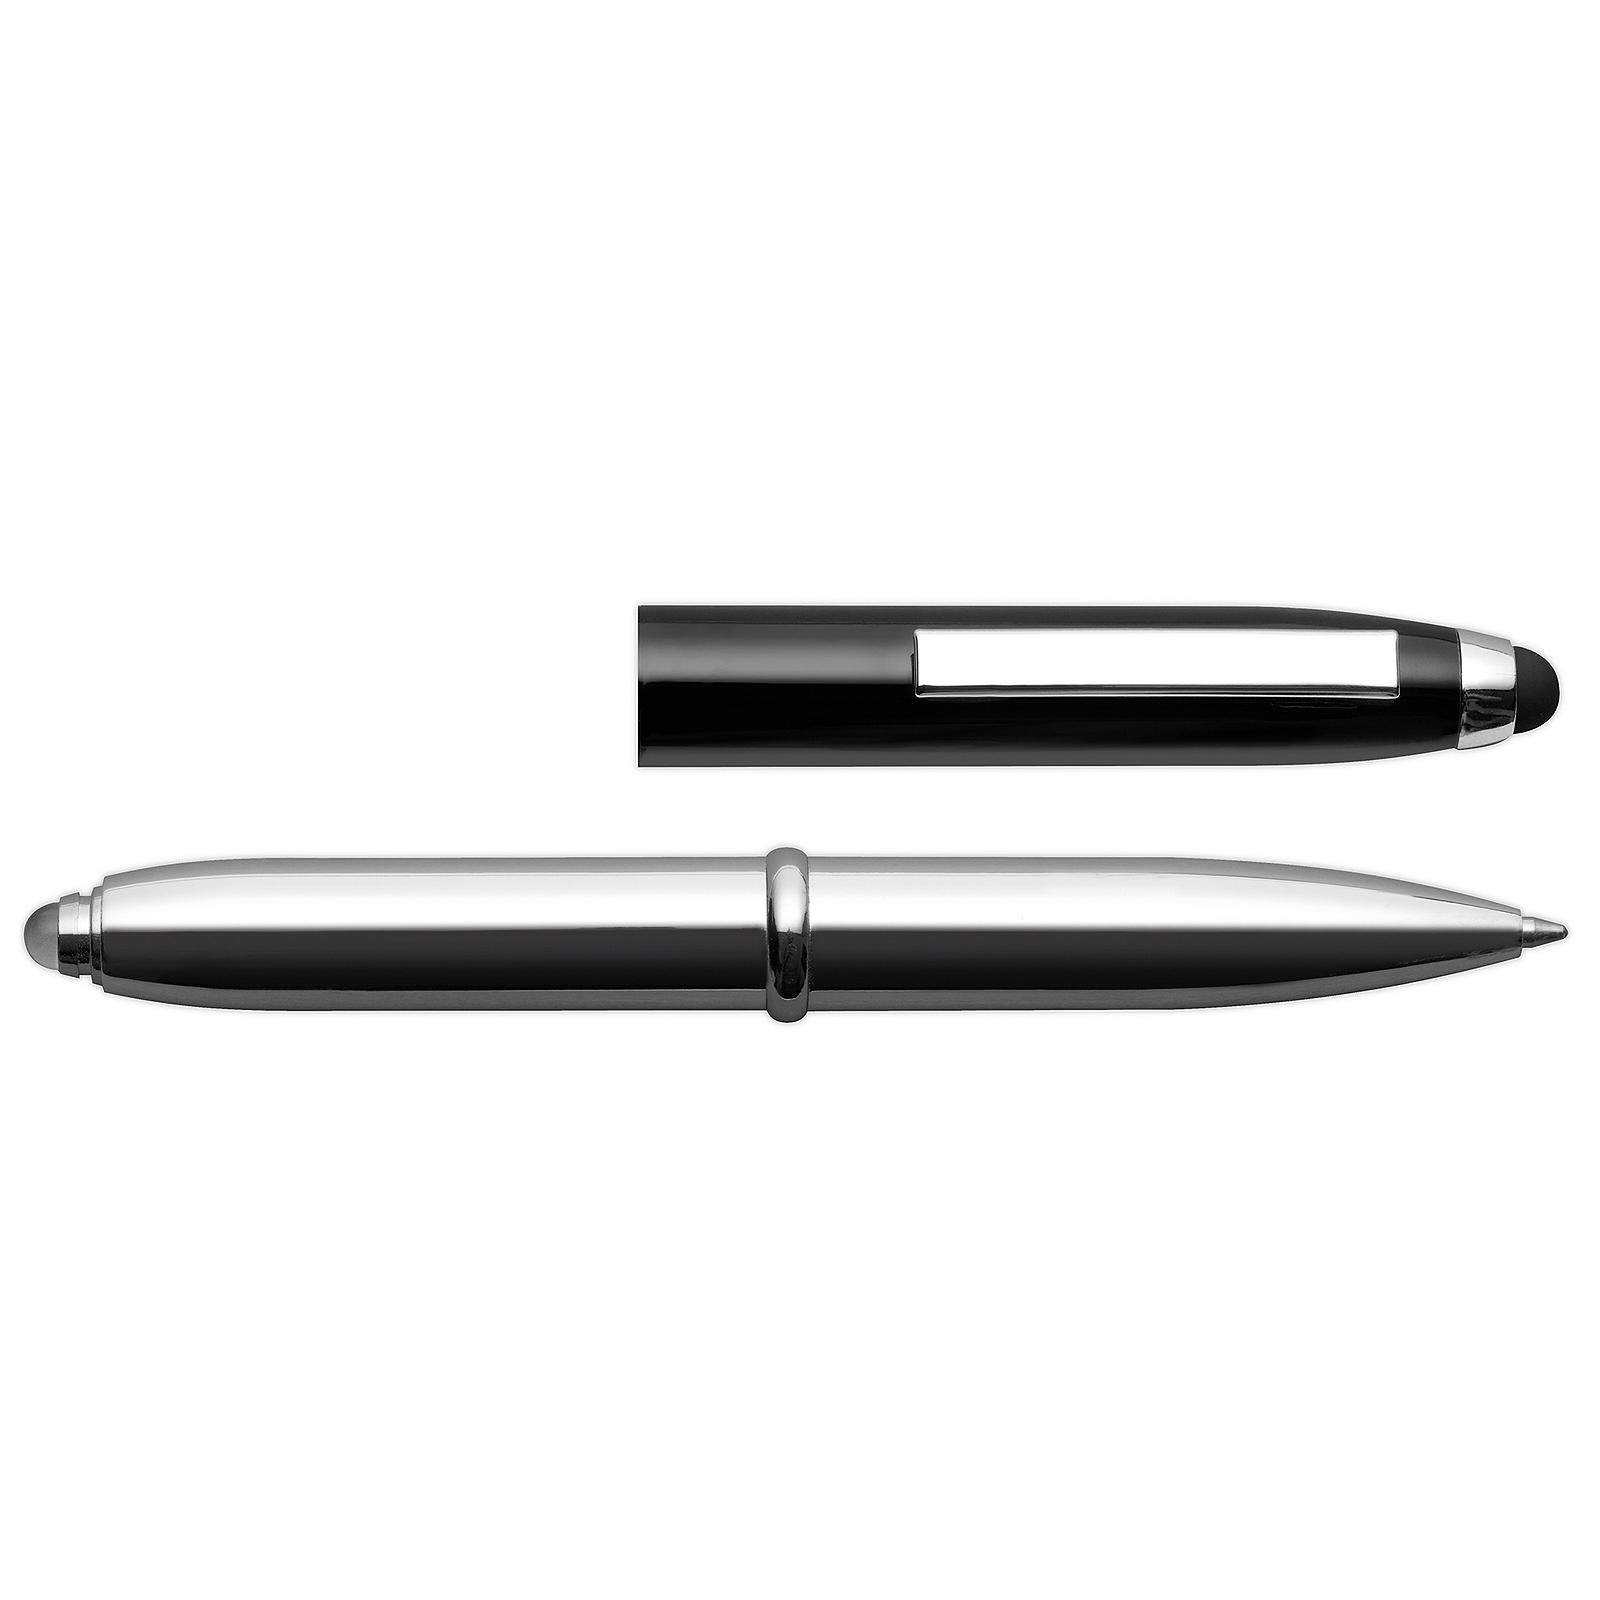 Kugelschreiber mit Soft-Touch-Spitze und LED Lampe - Moon Black